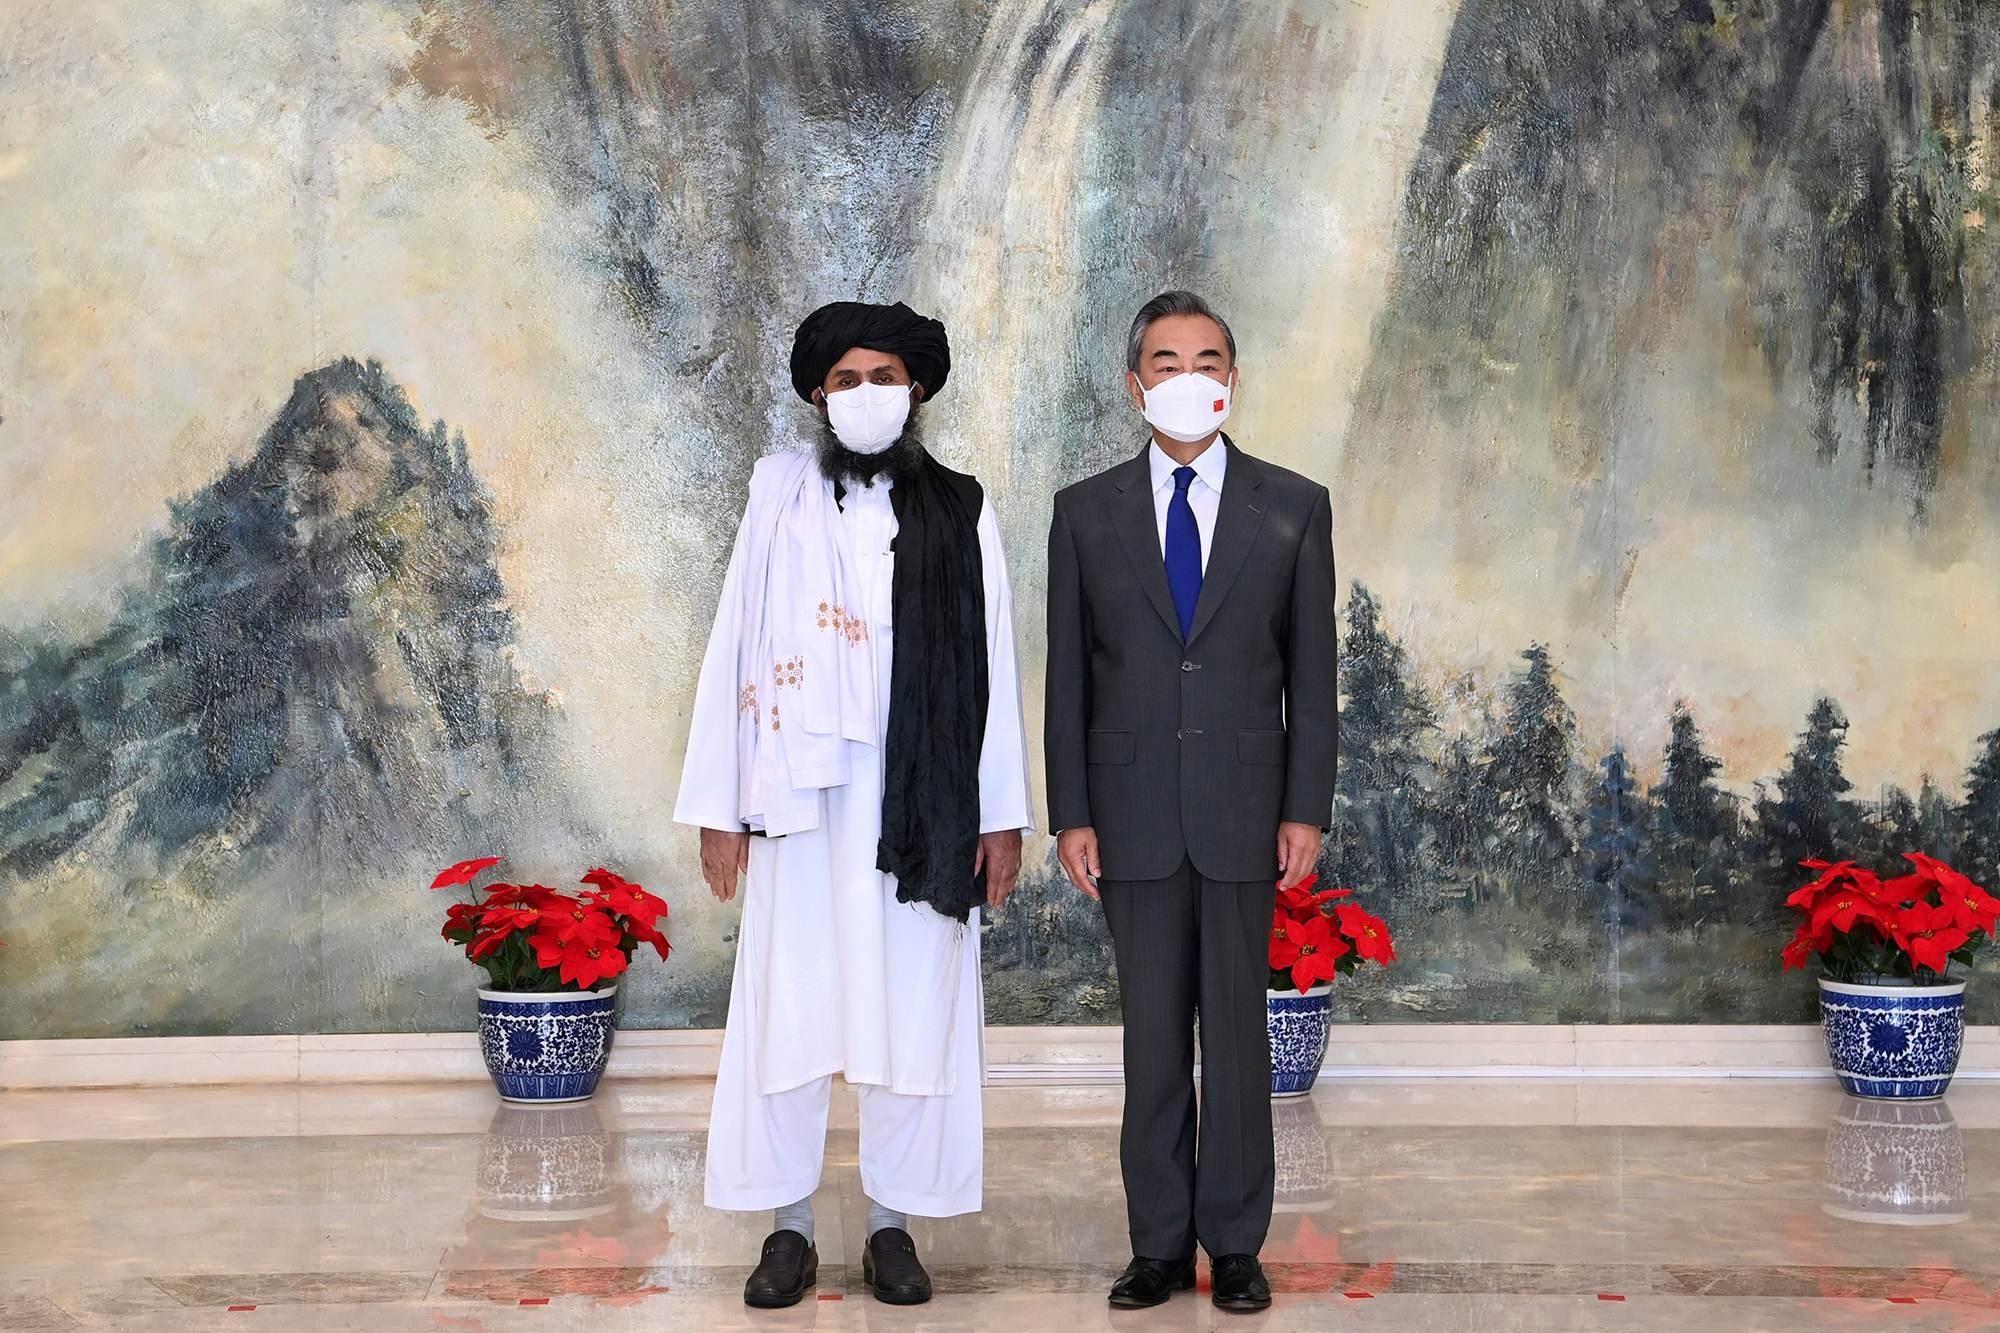 O cofundador do Talibã, Mullah Abdul Ghani Baradar, à esquerda, e o ministro das